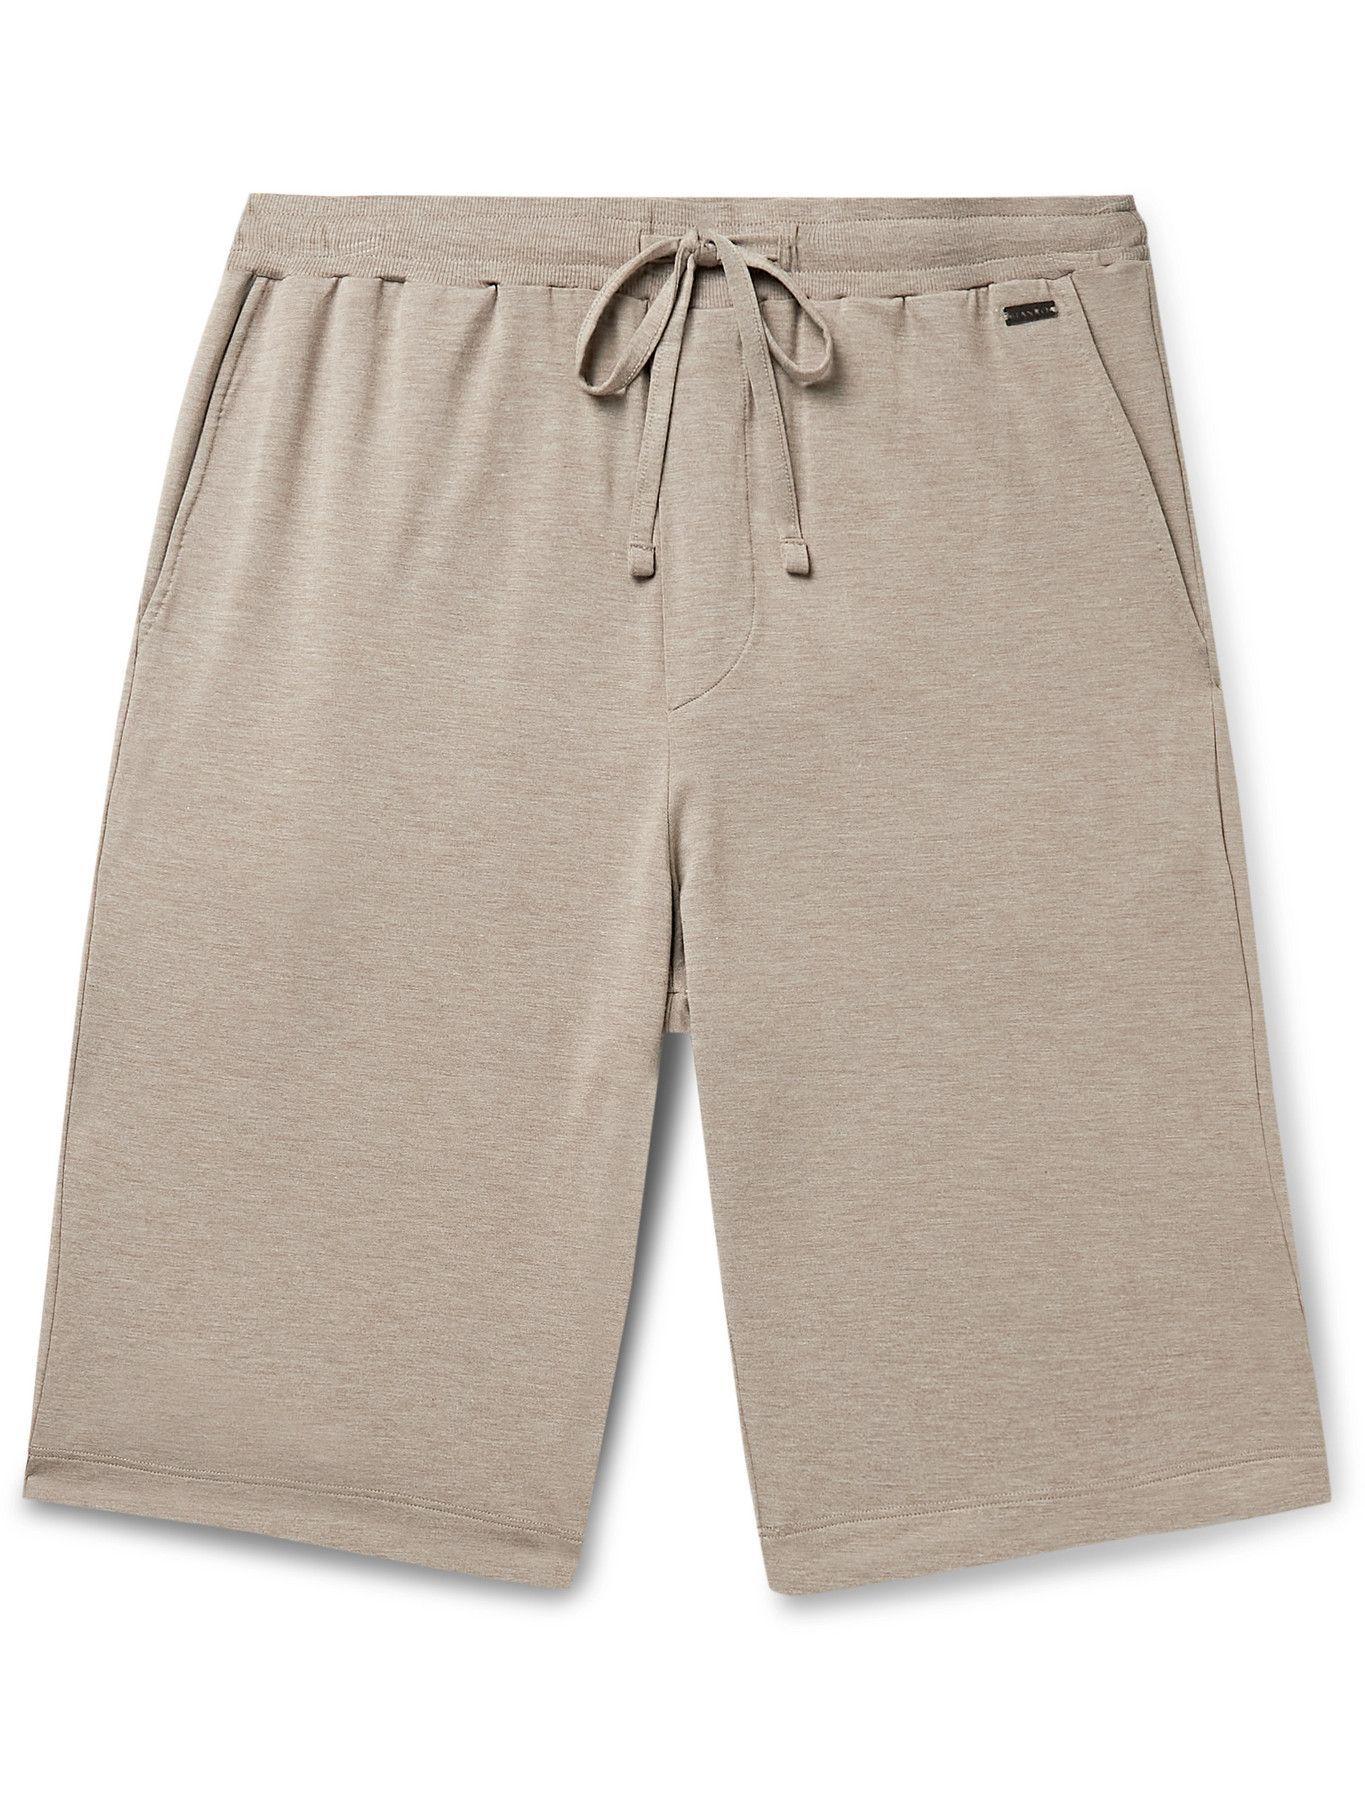 HANRO - Jersey Drawstring Shorts - Brown